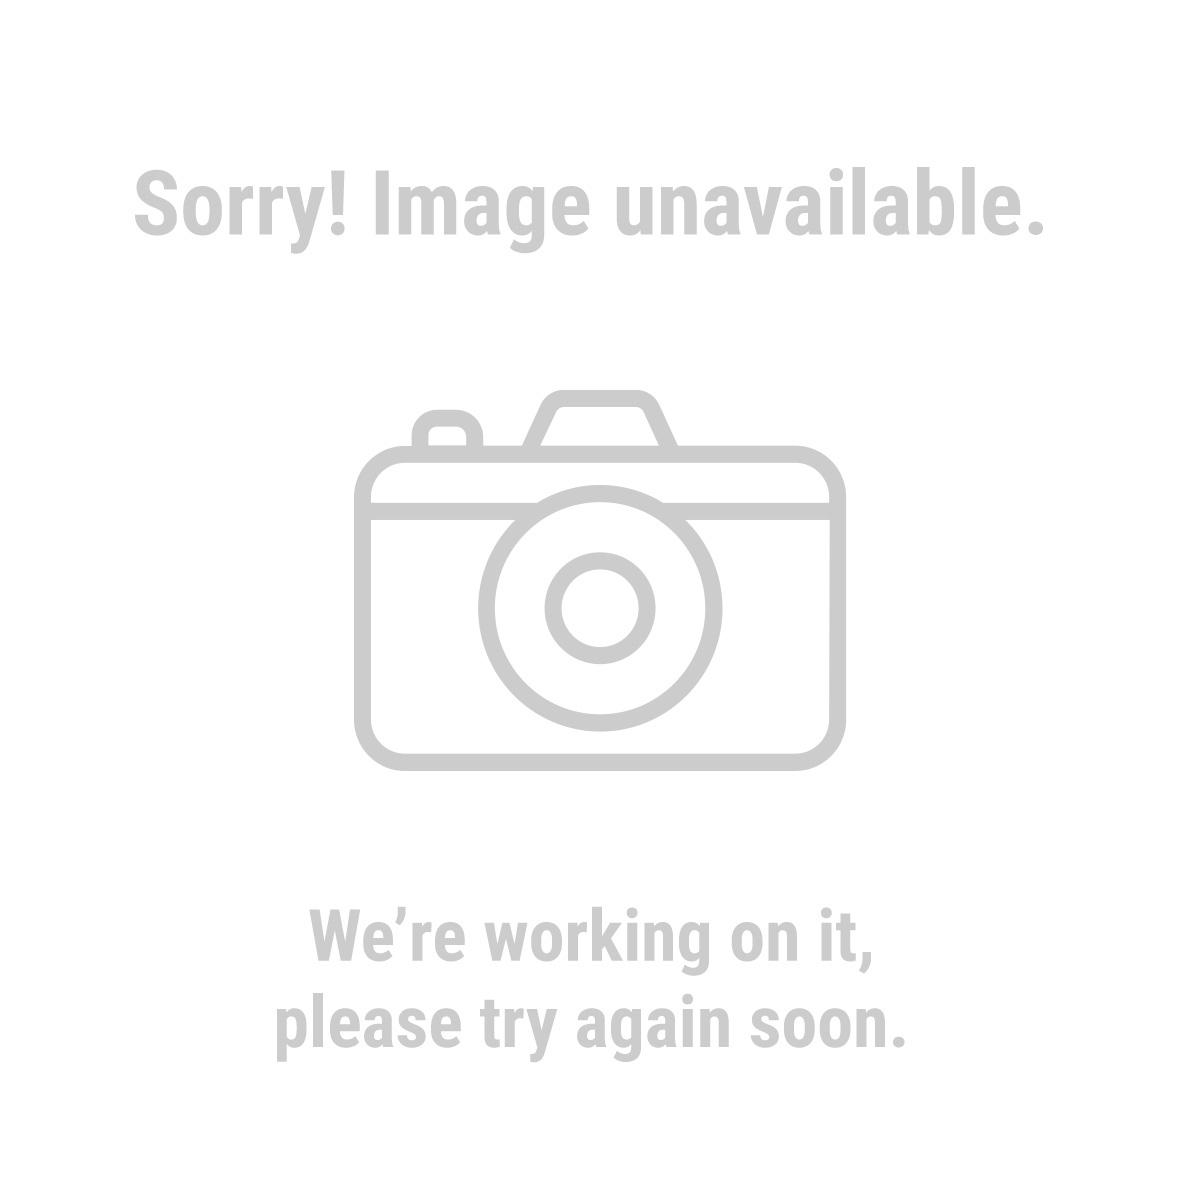 Drill Master 95622 ANGLE DRILL GUIDE